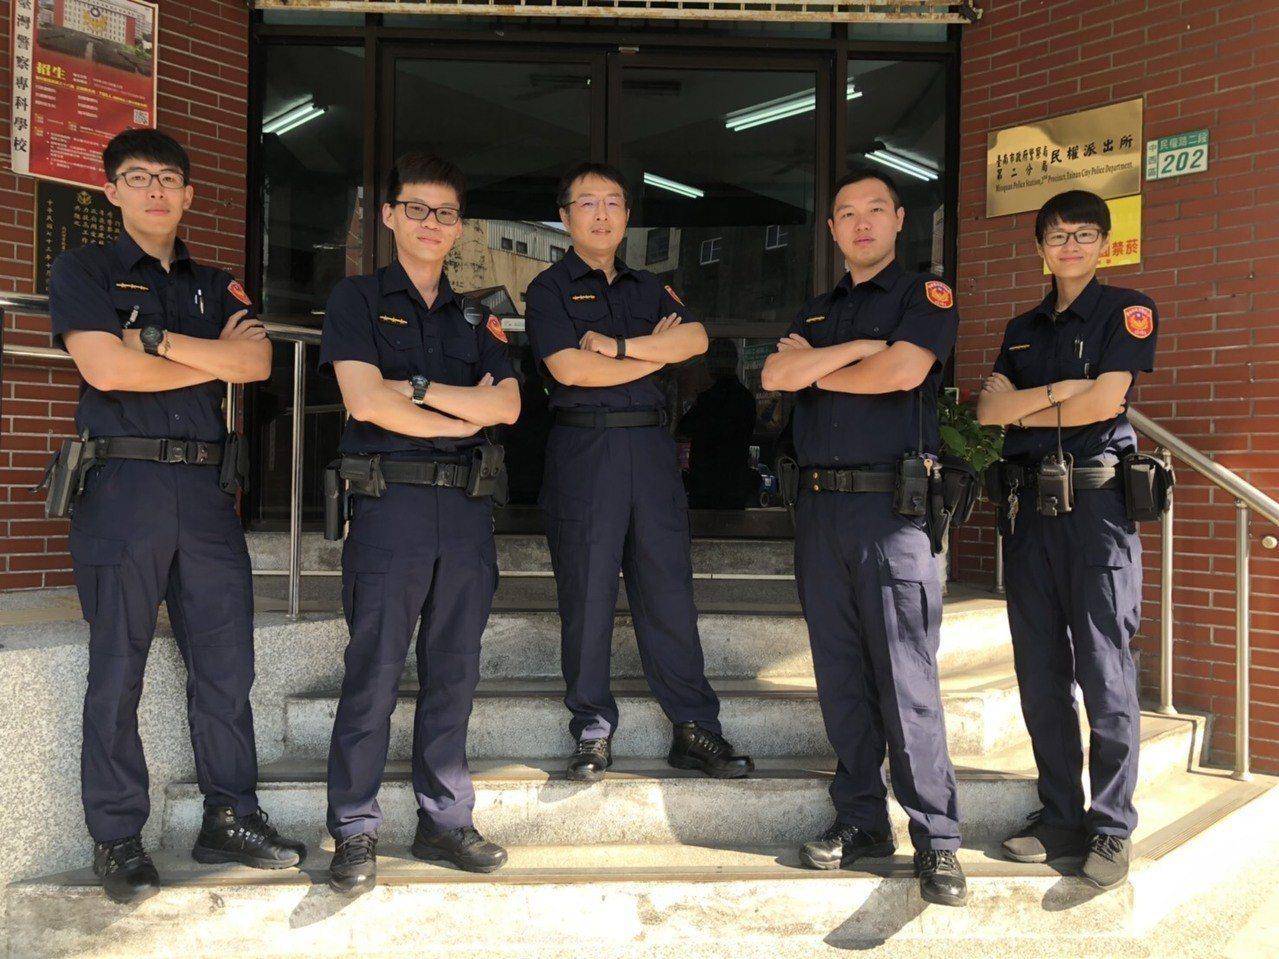 今天員警更換新制服,民權派出所員警上午穿新制服亮相。記者黃宣翰/翻攝